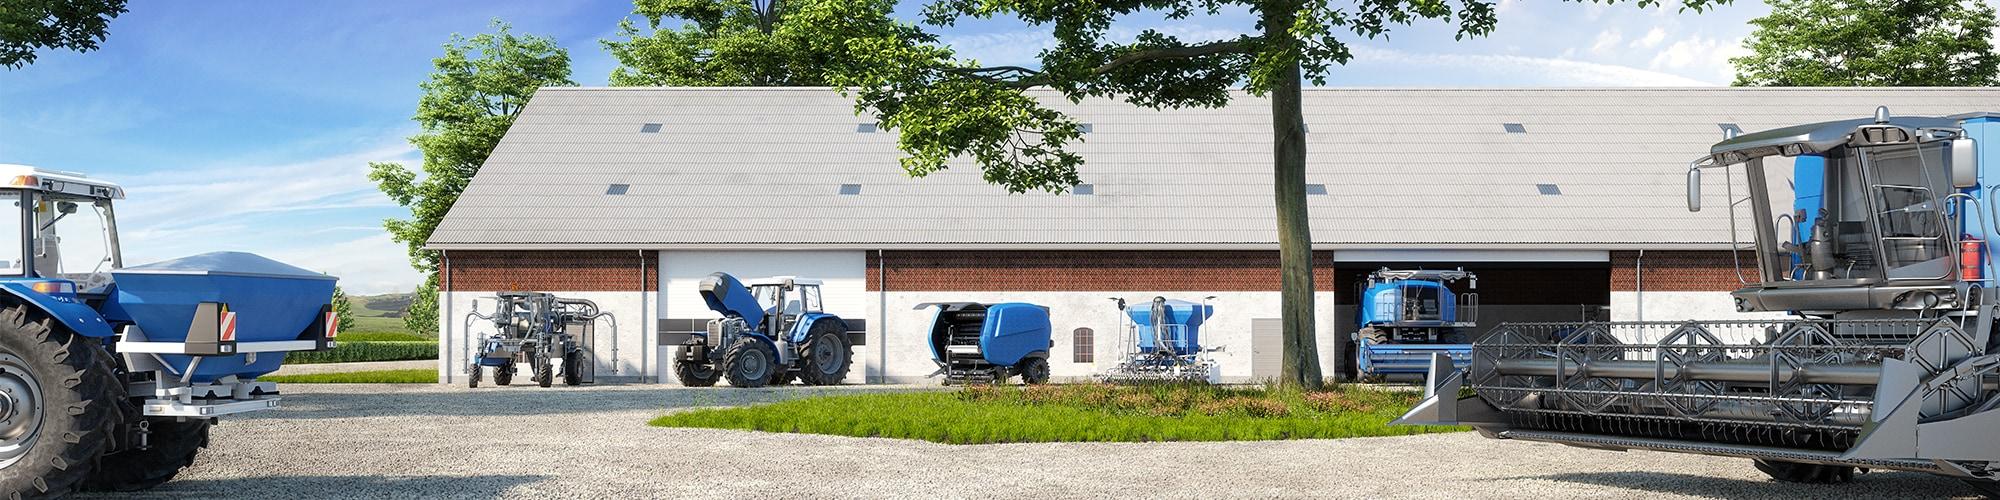 Mobil tarım